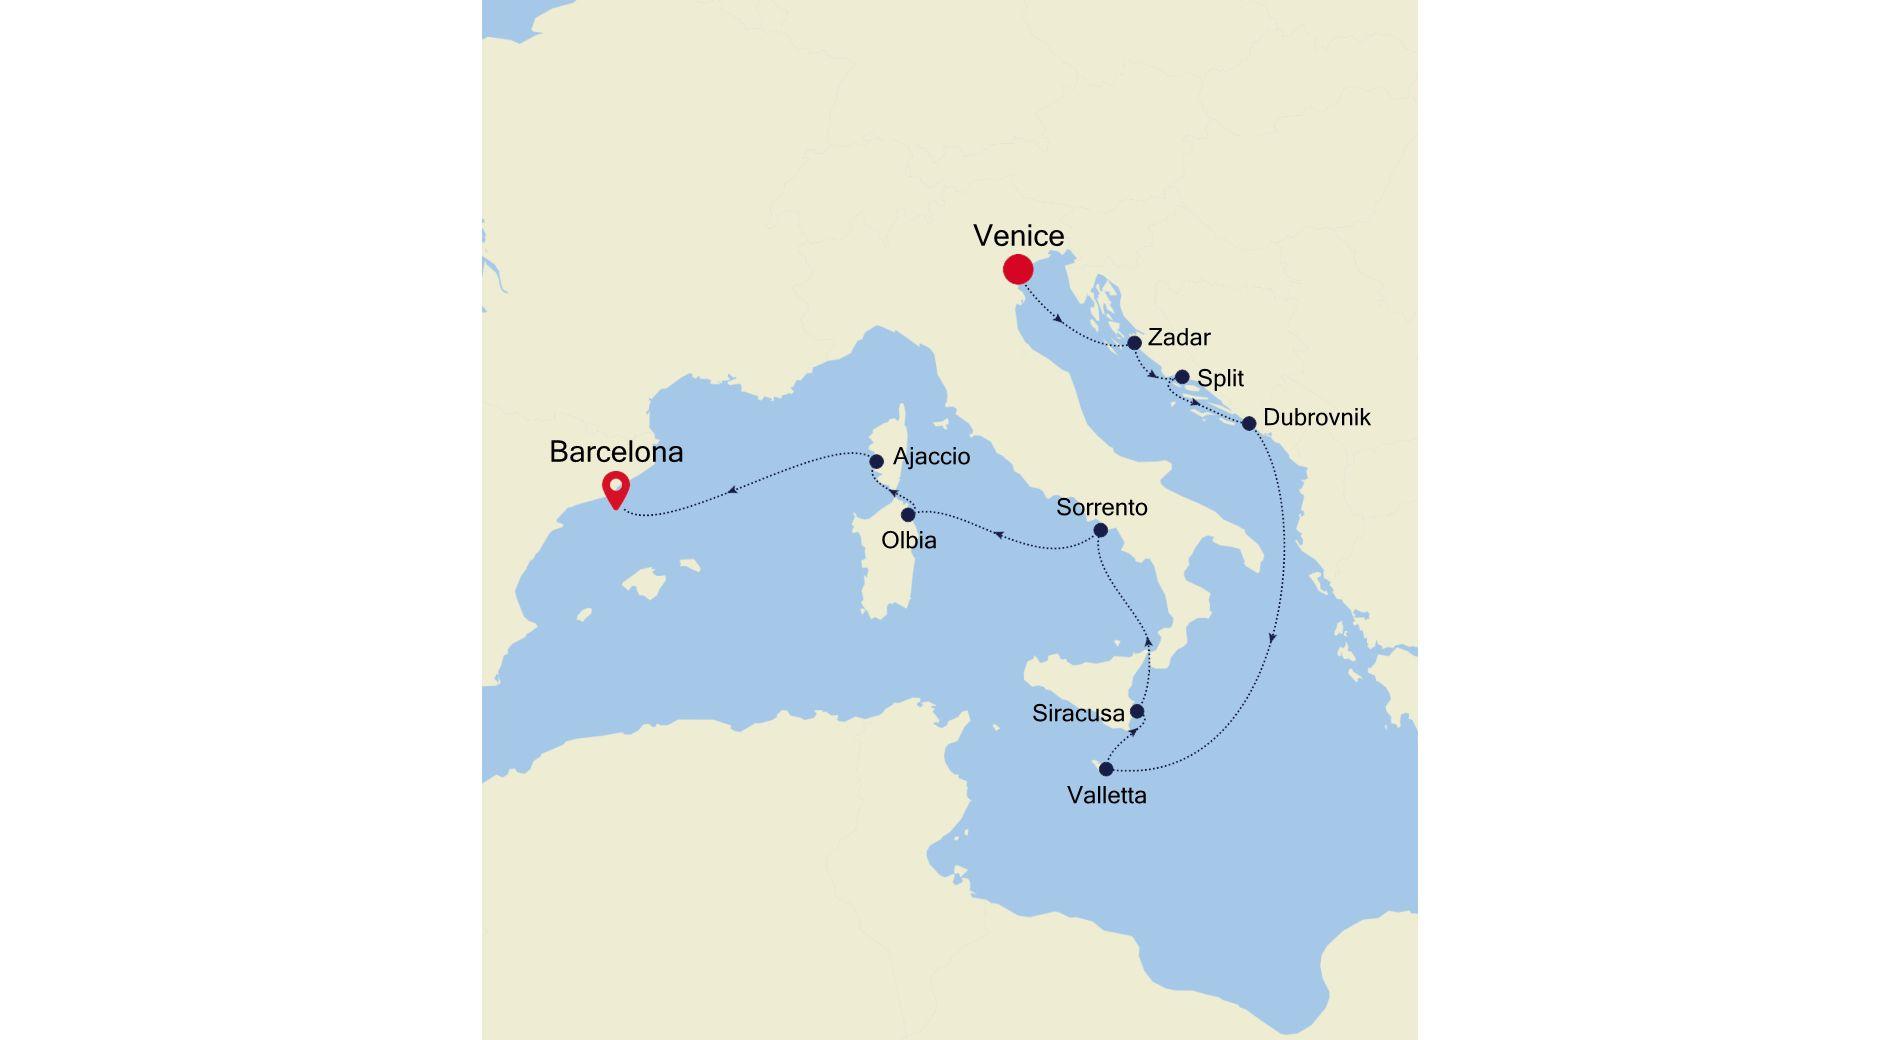 SS200618012 - Venice à Barcelona